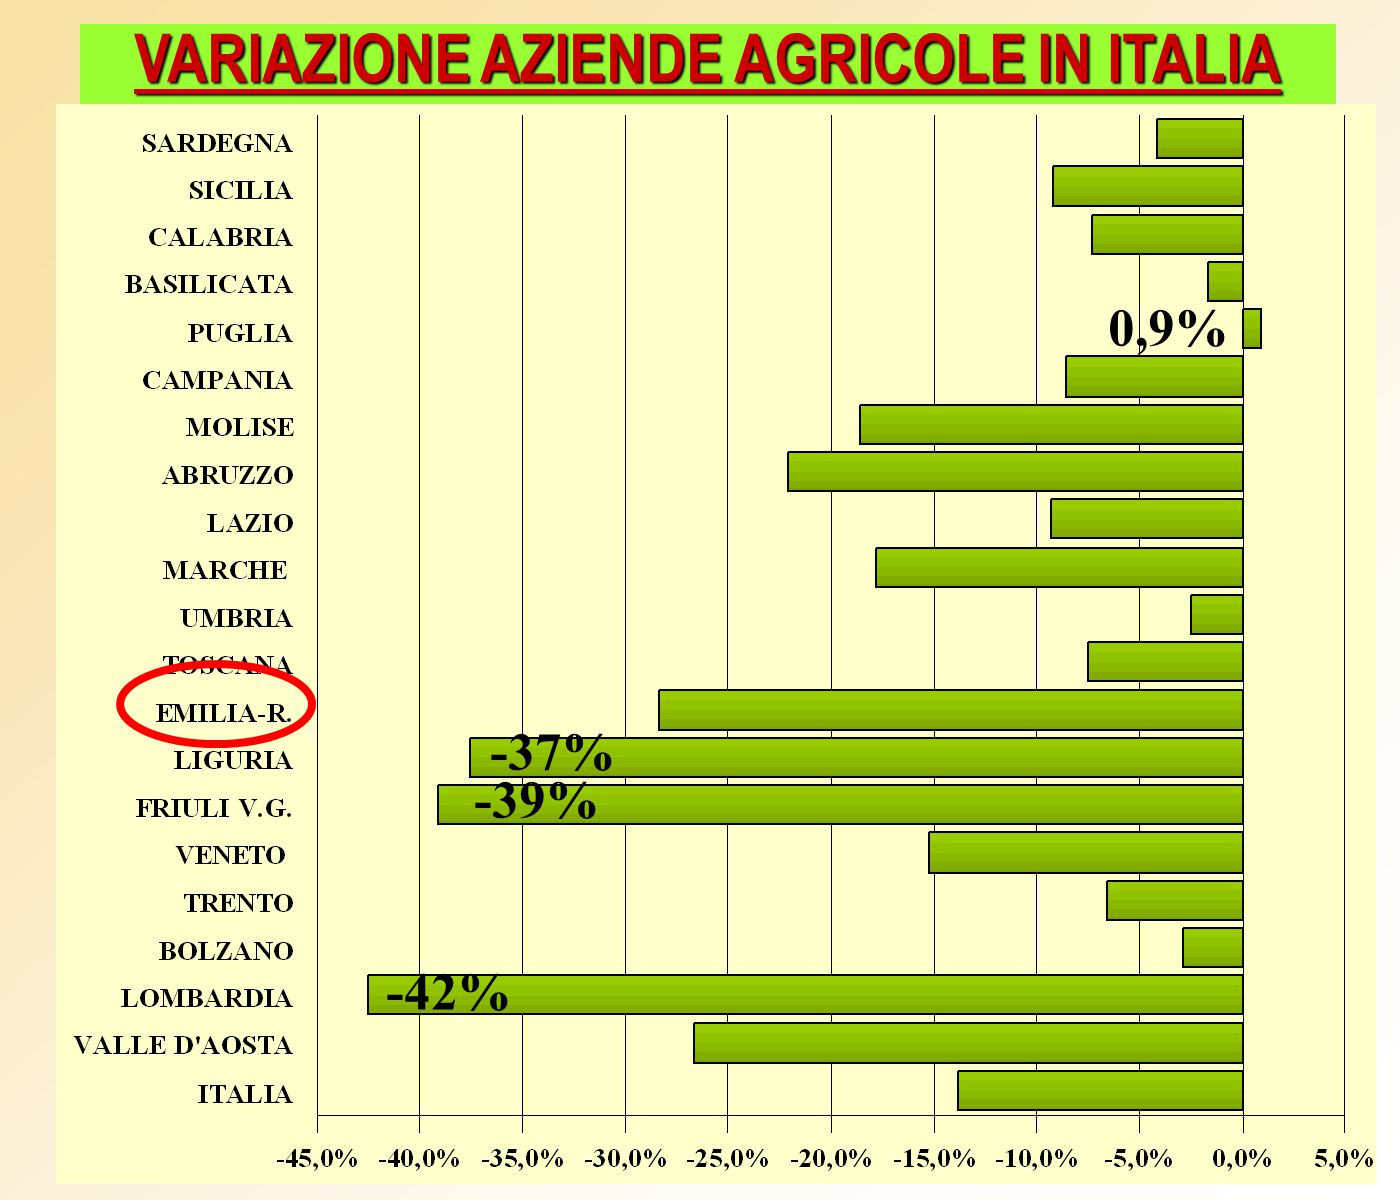 EMILIA-ROMAGNA: aziende agricole Variazioni % numero 000 ettari Variazioni % -28% -14% 108.089 1.464